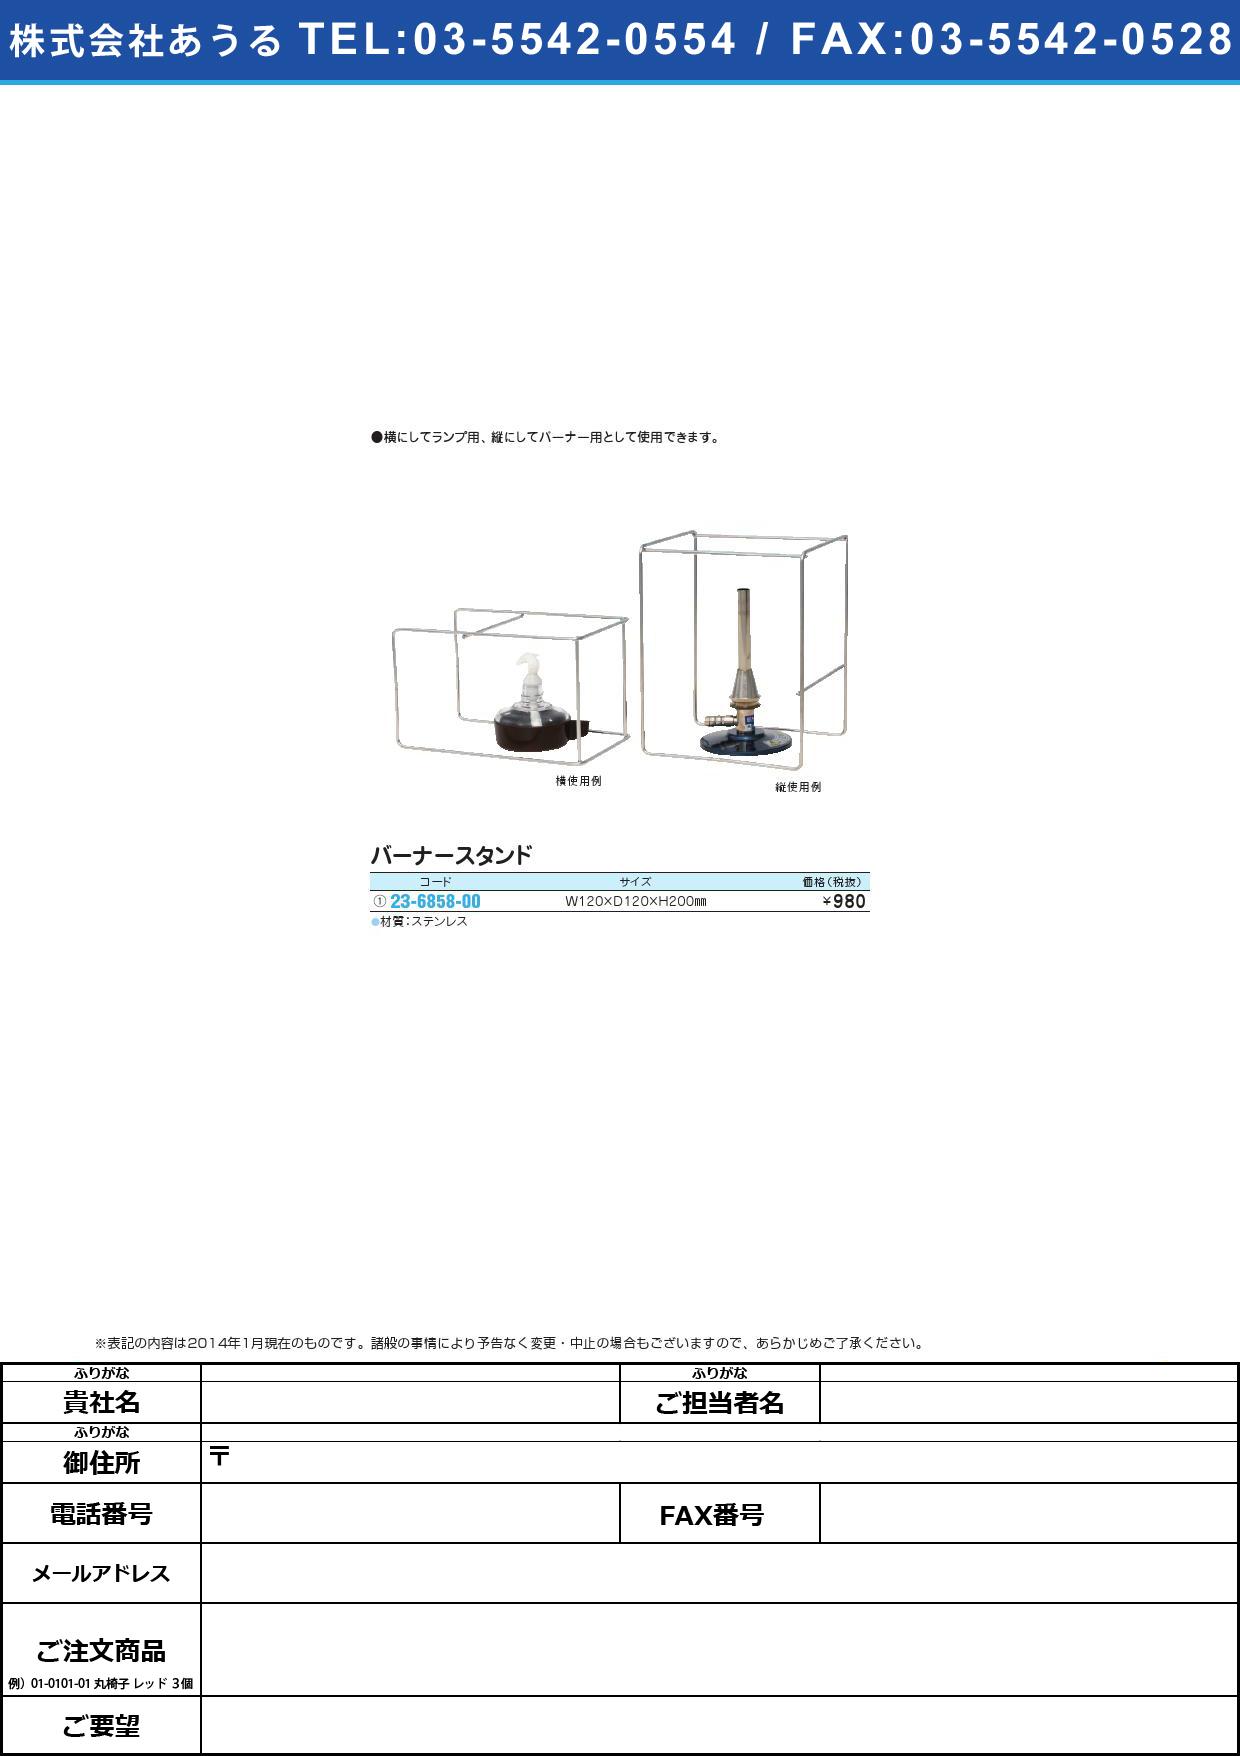 バーナースタンド バーナースタンド(23-6858-00)W120XD120XH200MM【1個単位】